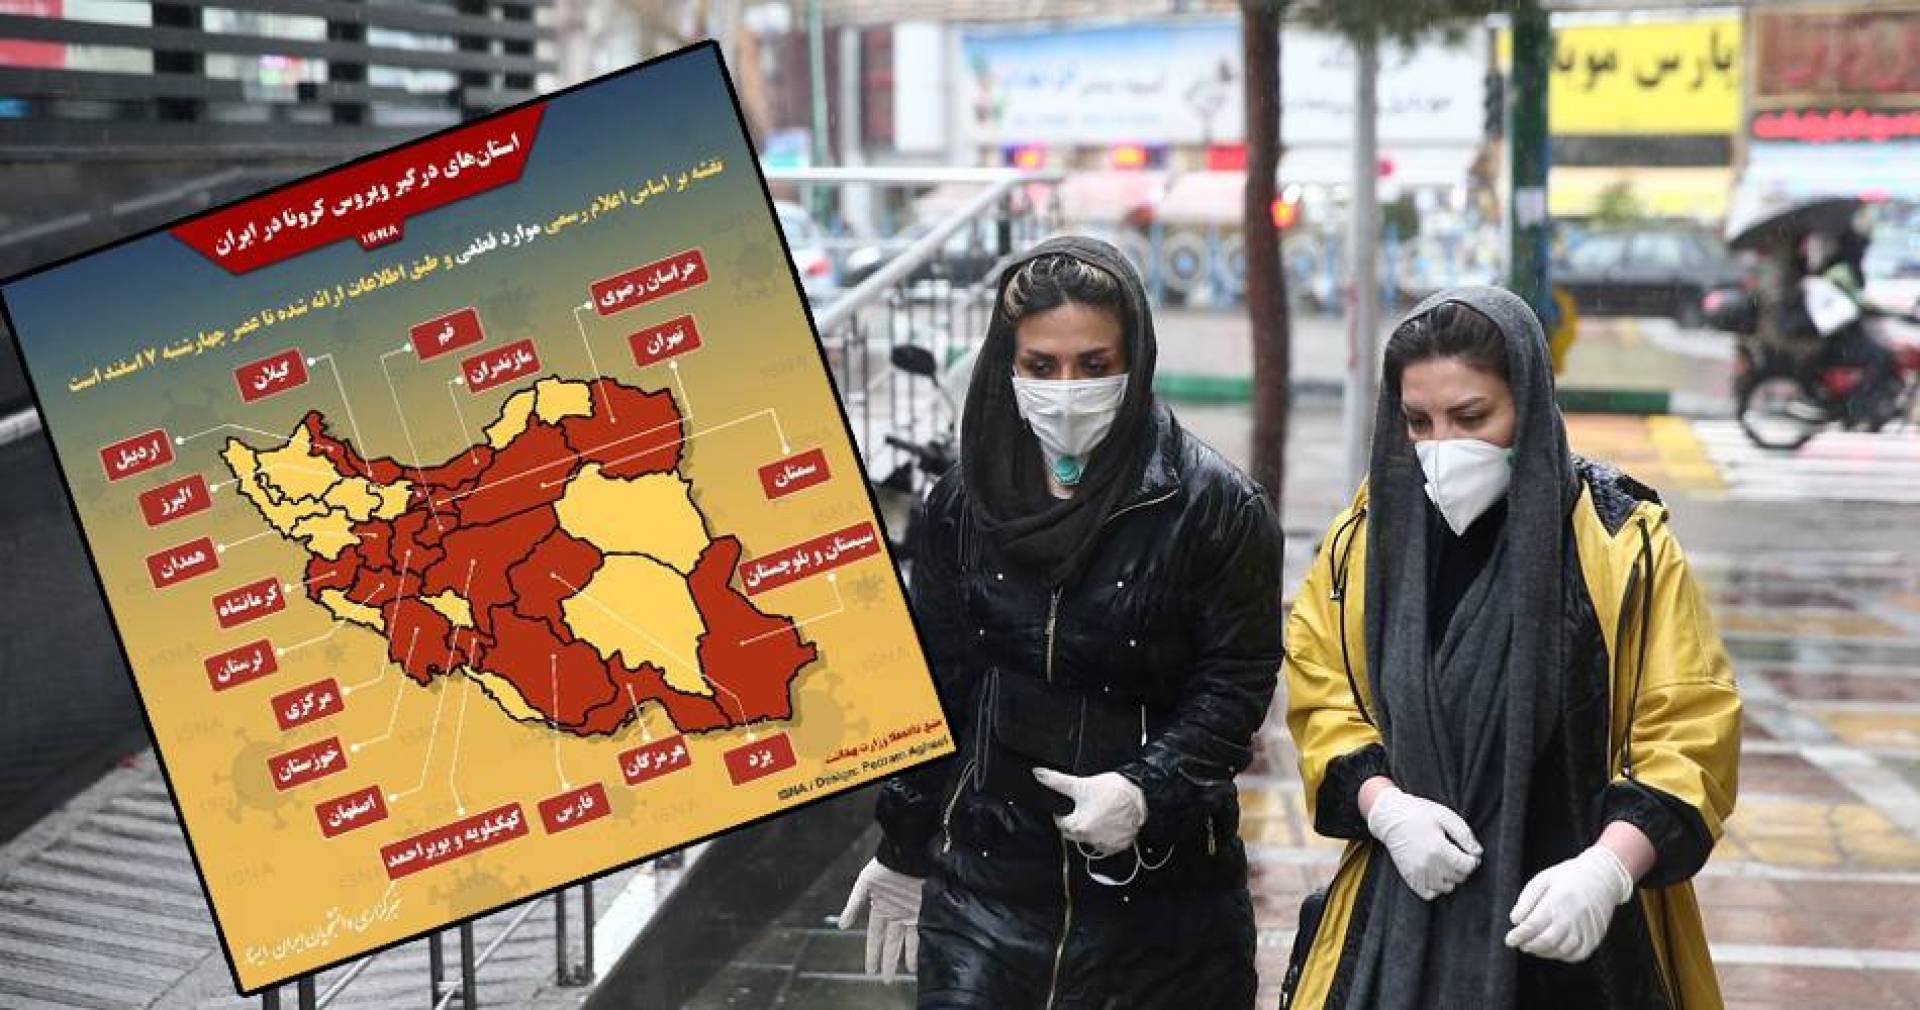 خريطة مرعبة لانتشار «كورونا» في إيران